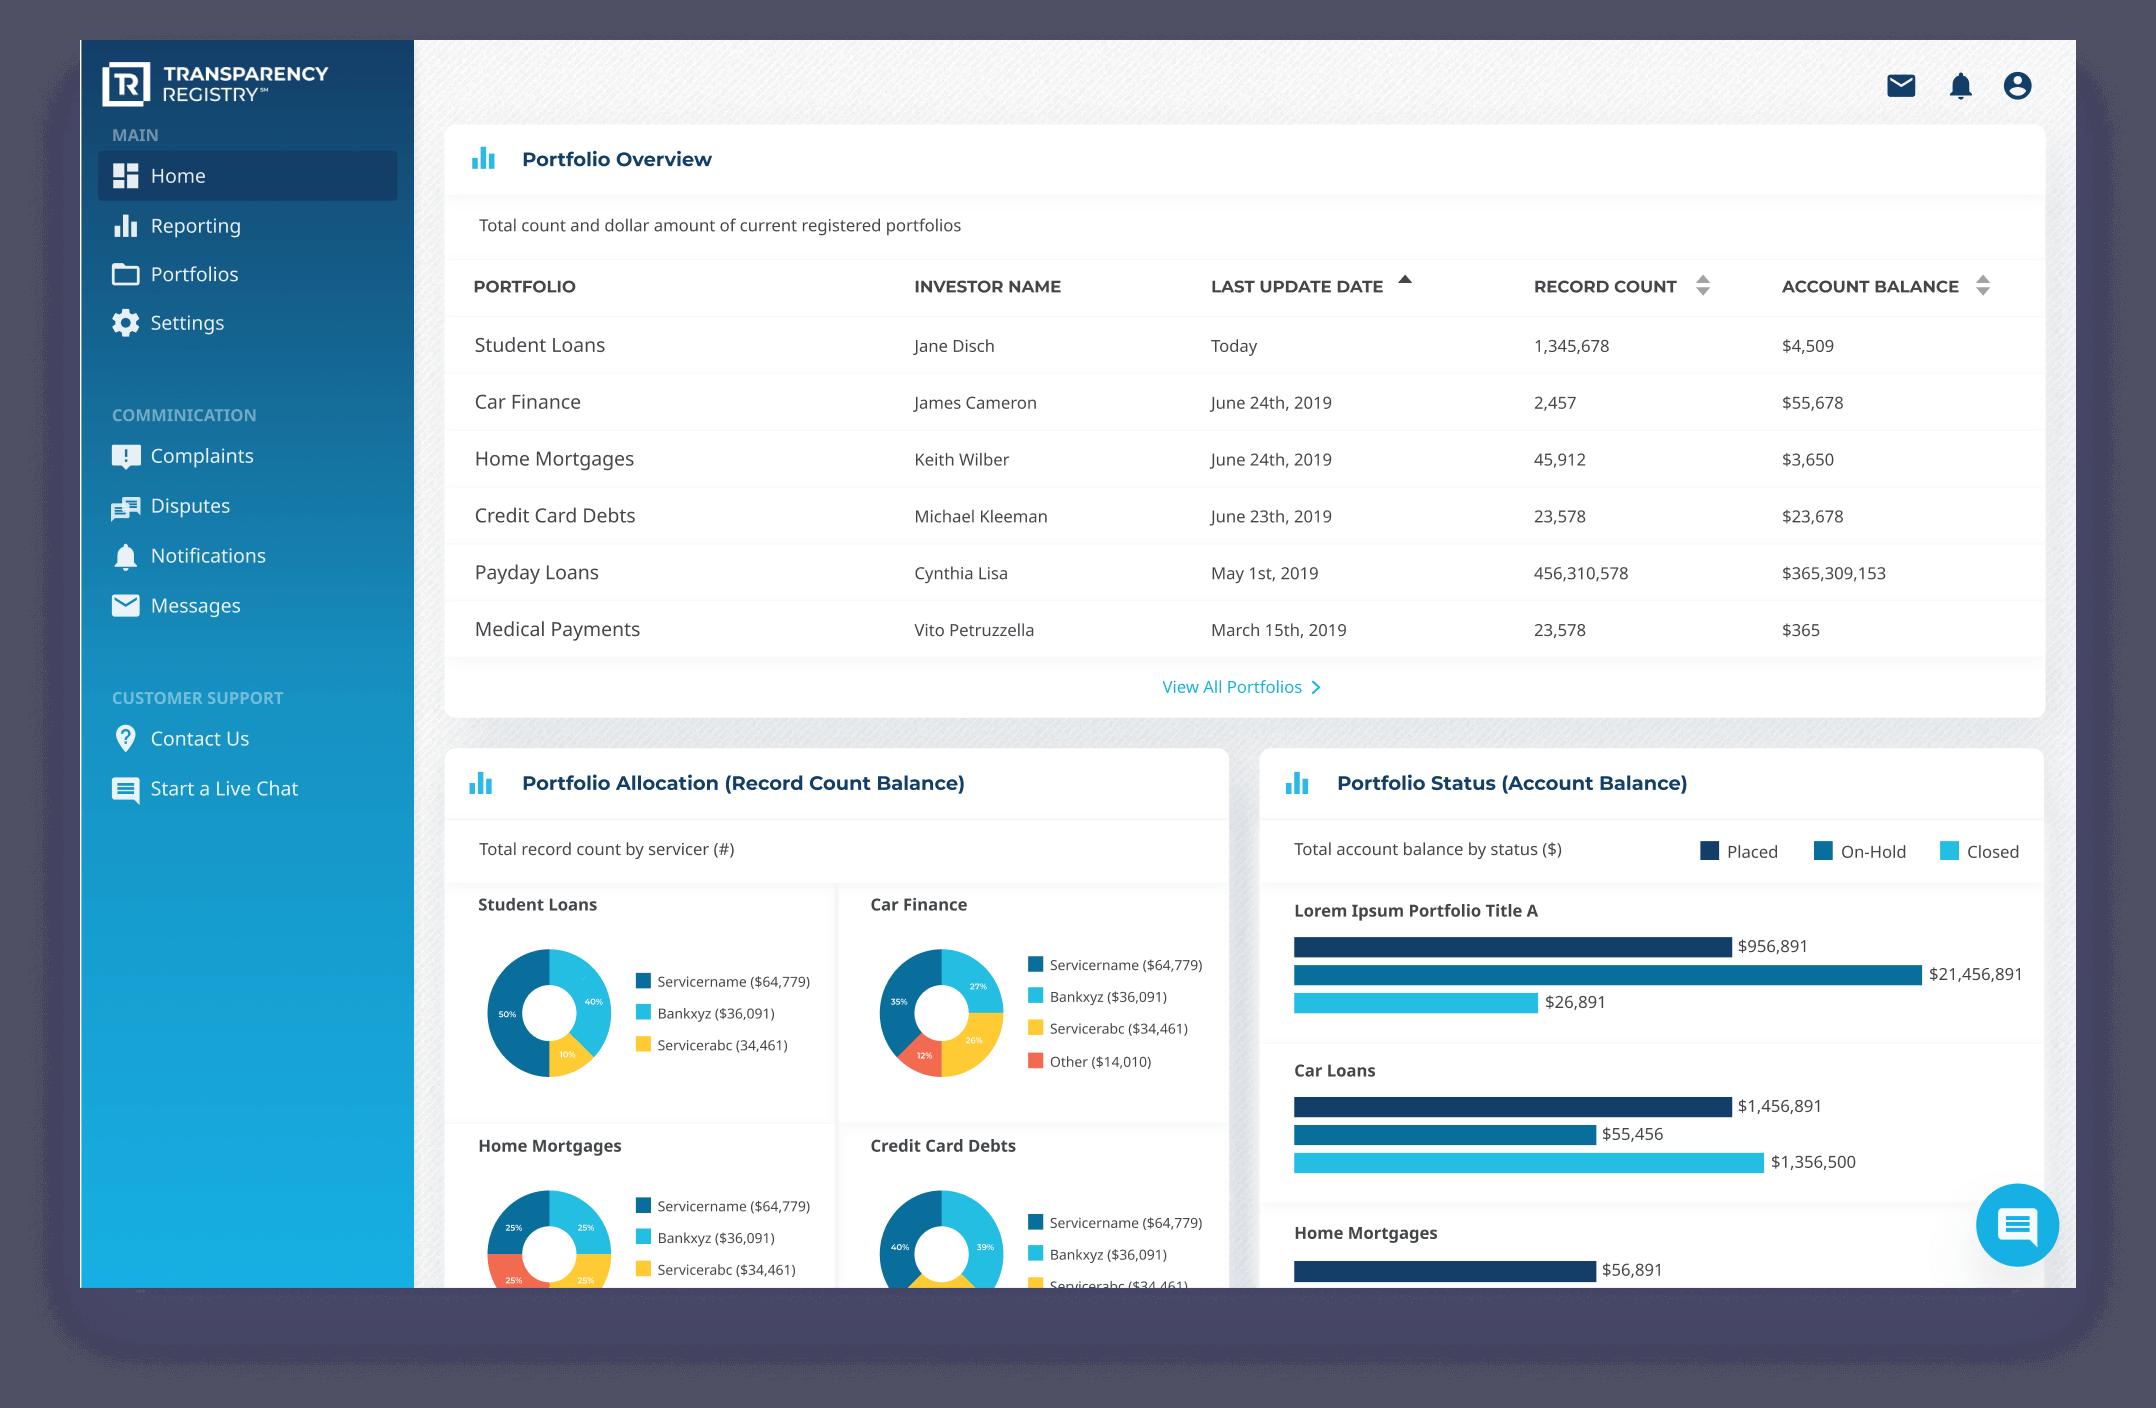 Portfolio-overview